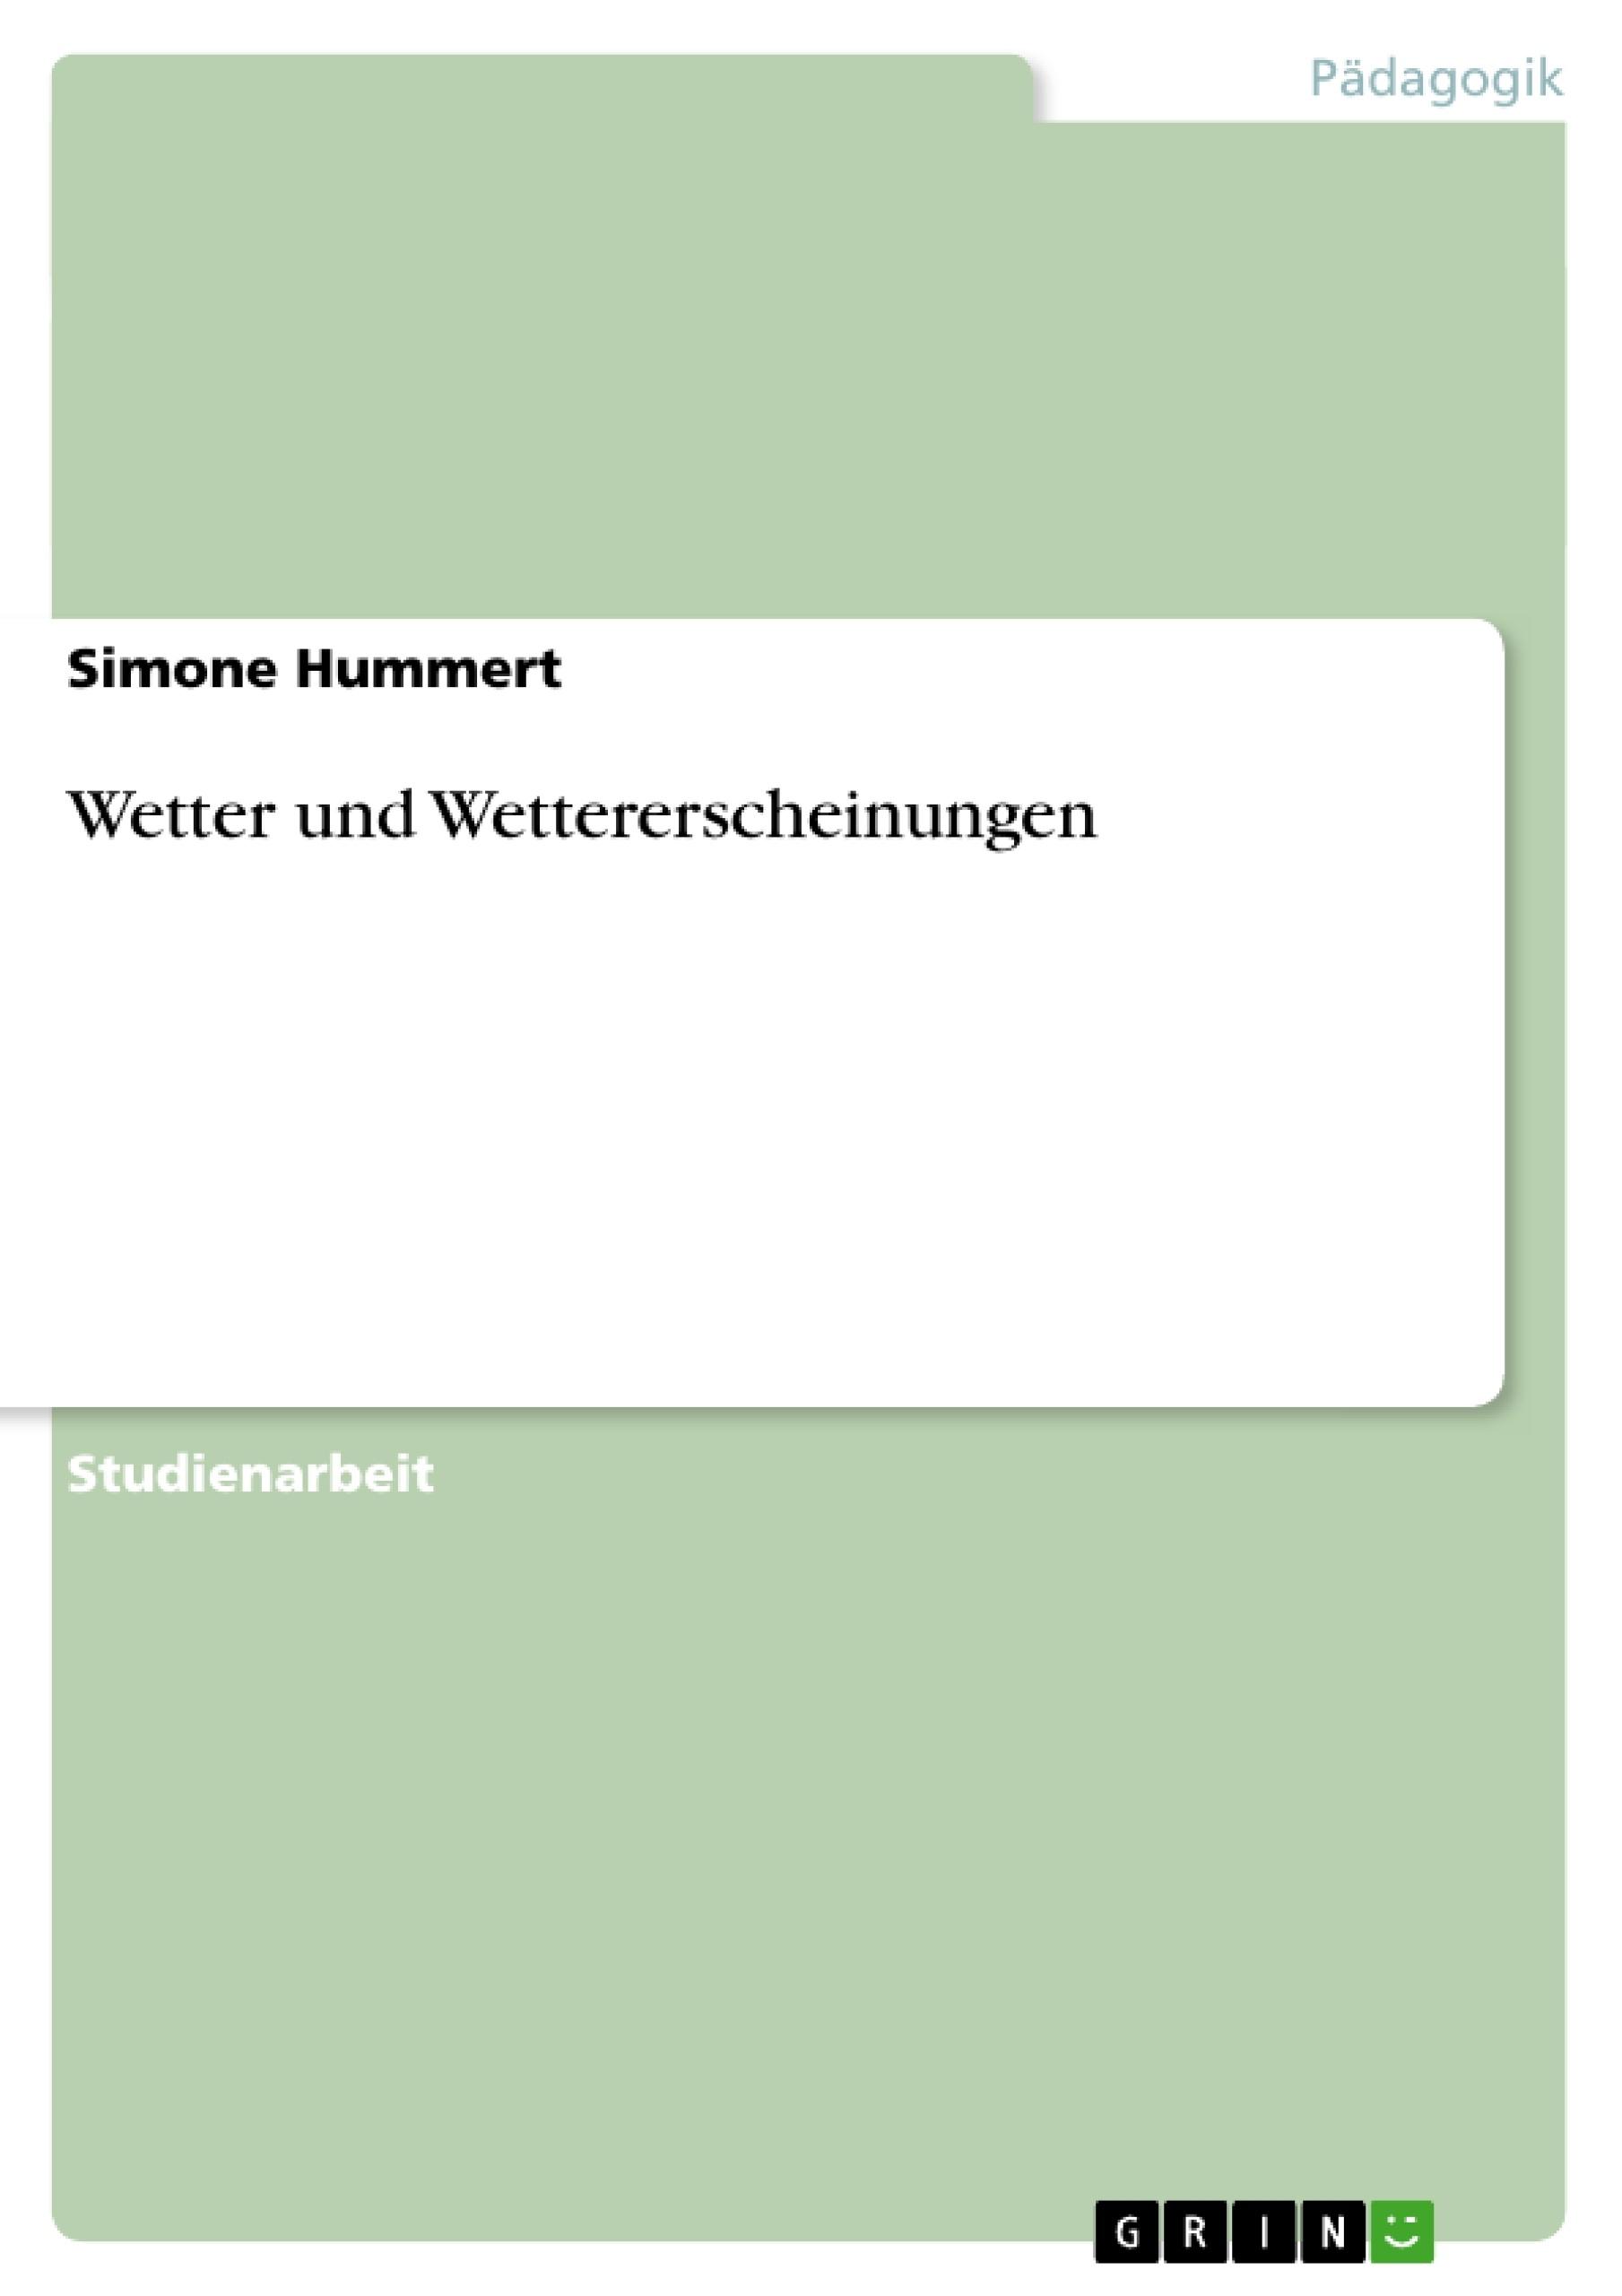 Titel: Wetter und Wettererscheinungen